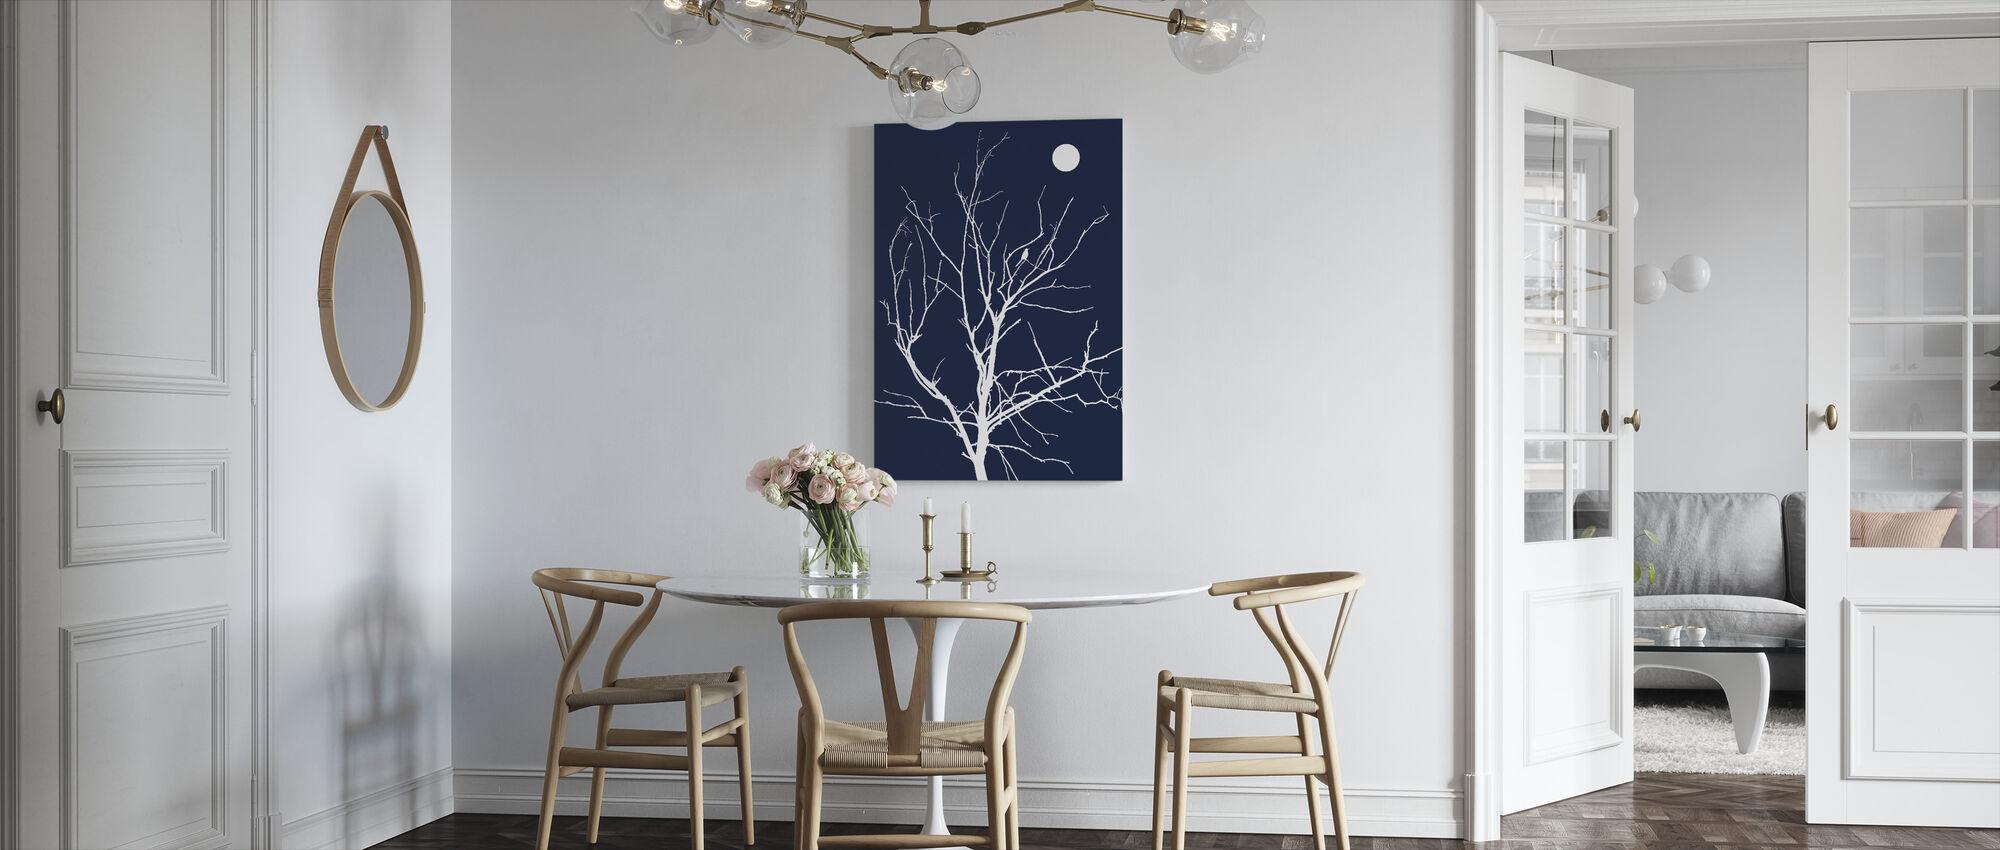 Eenzame vogel nacht maan - Canvas print - Keuken